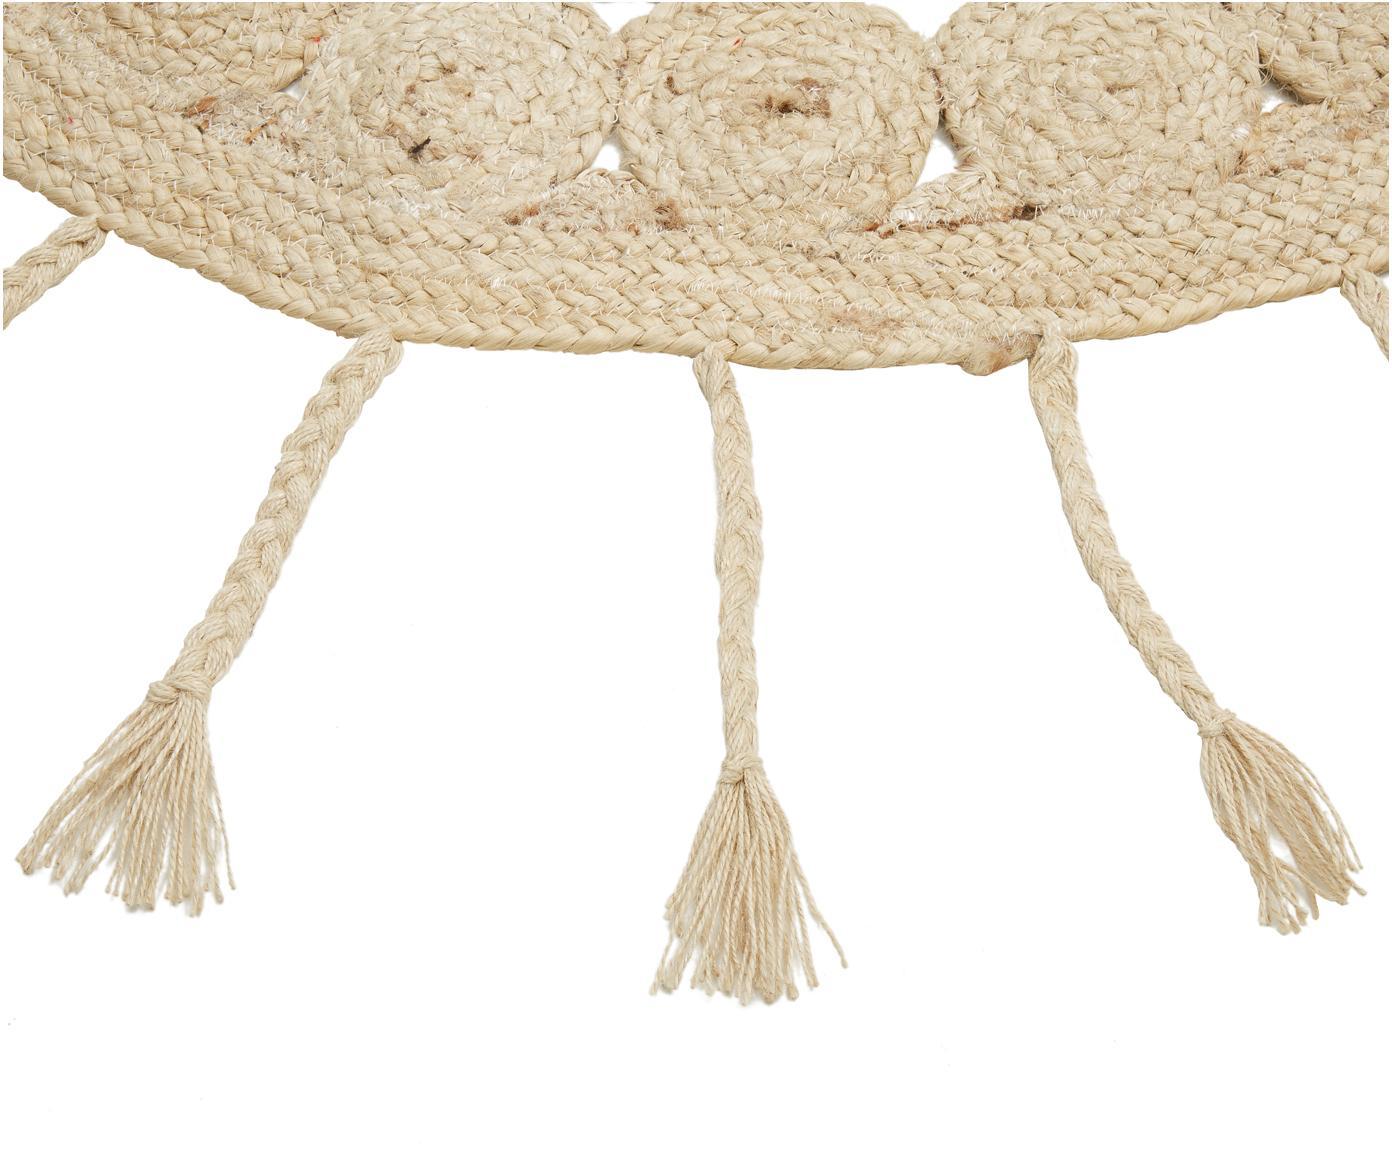 Runder Jute-Teppich Sun mit langen geflochtenen Fransen, 100% Jute, Jute, Ø 130 cm (Grösse M)